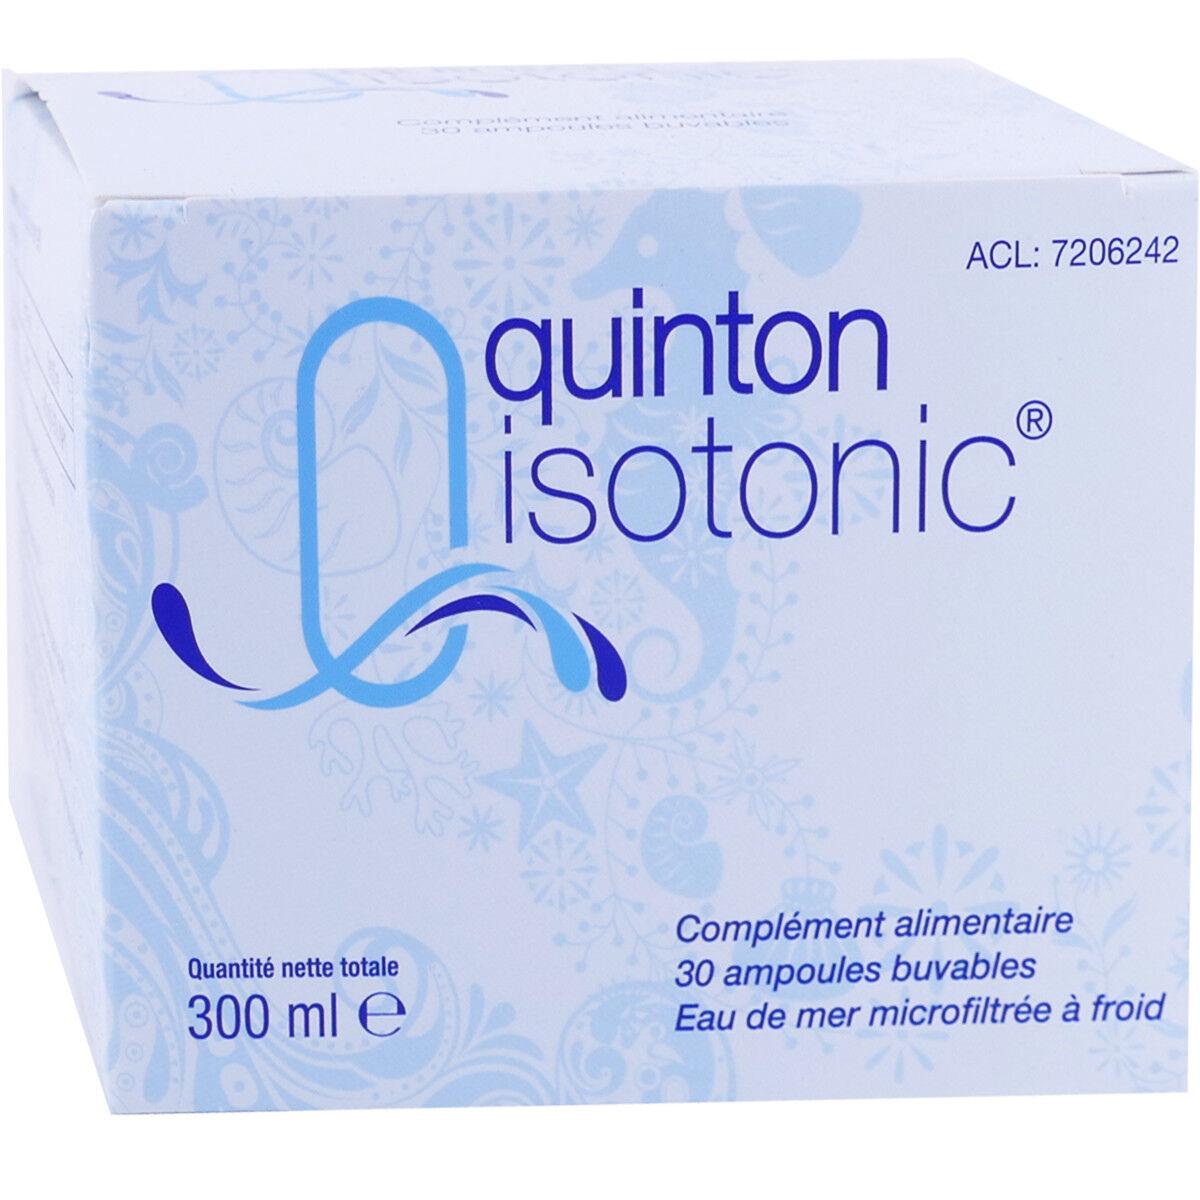 Quinton isotonic buvable 10ml 30 ampoules 12max/commande